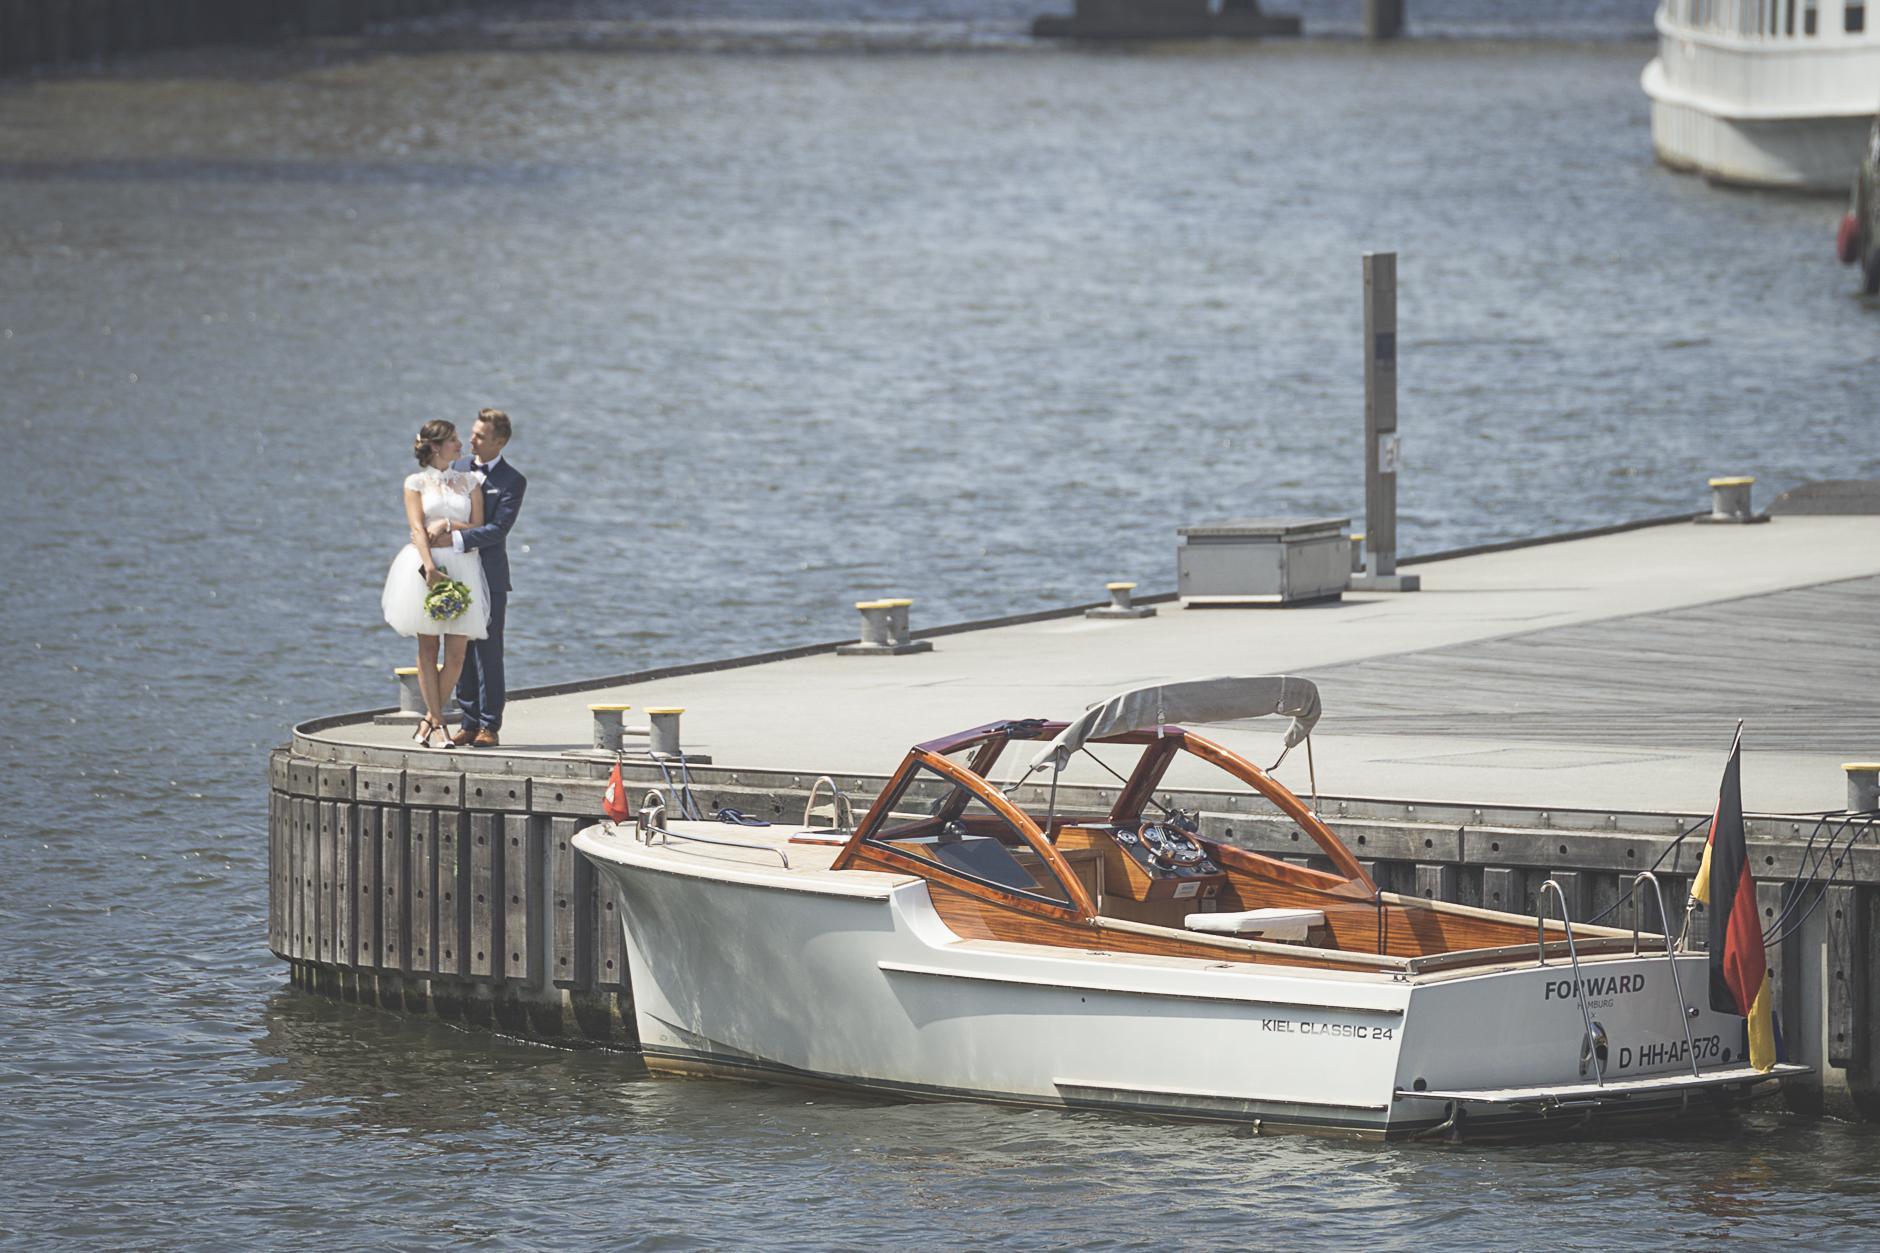 Brautpaabbild aus dem Hamburger Hafen, in der Hafencitiy oder der Speicherstadt